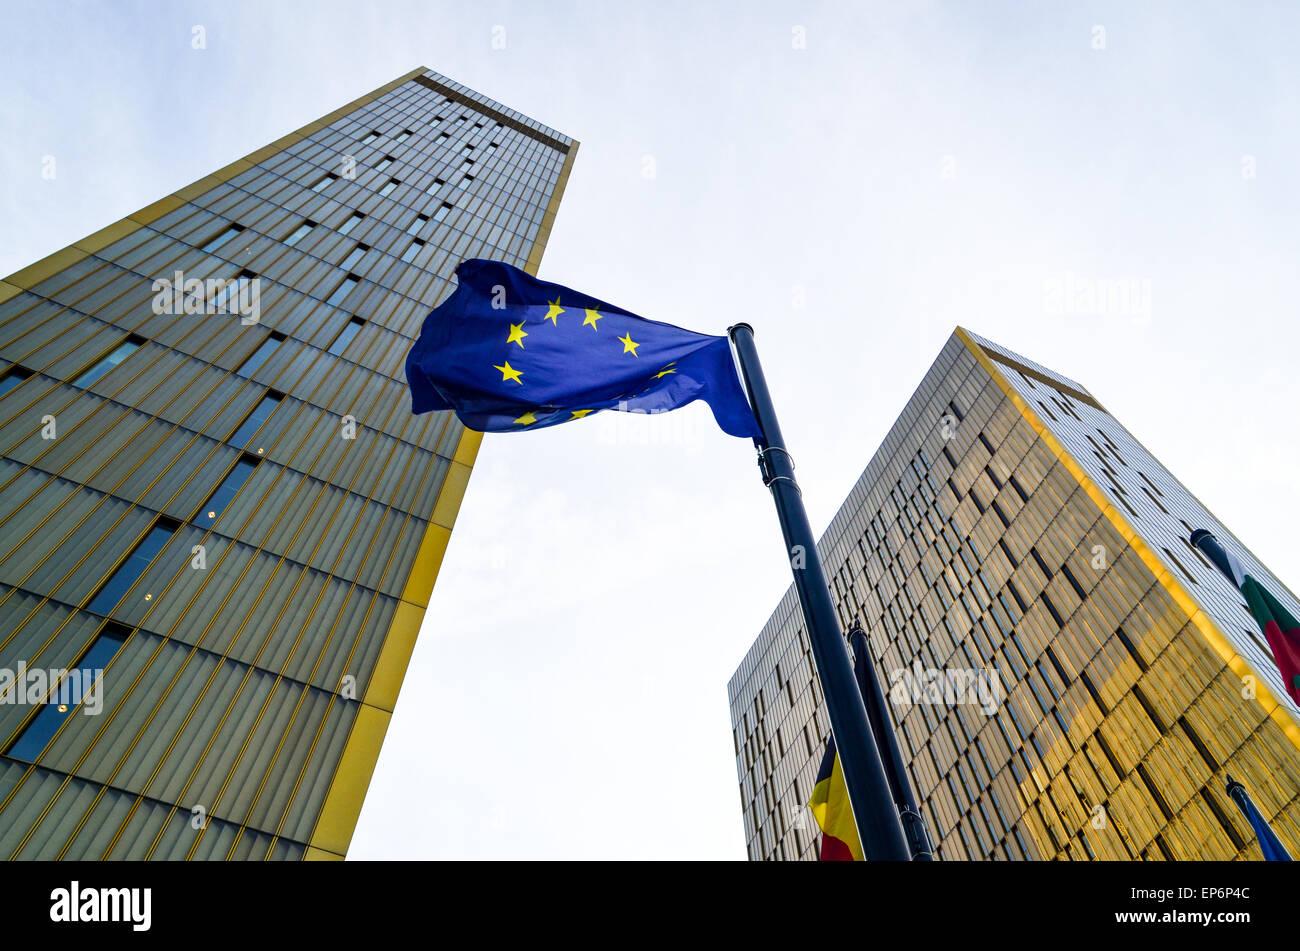 Goldene Zwillingstürme des Gerichtshofs der Europäischen Union, im Europäischen Viertel, Kirchberg, Stockbild